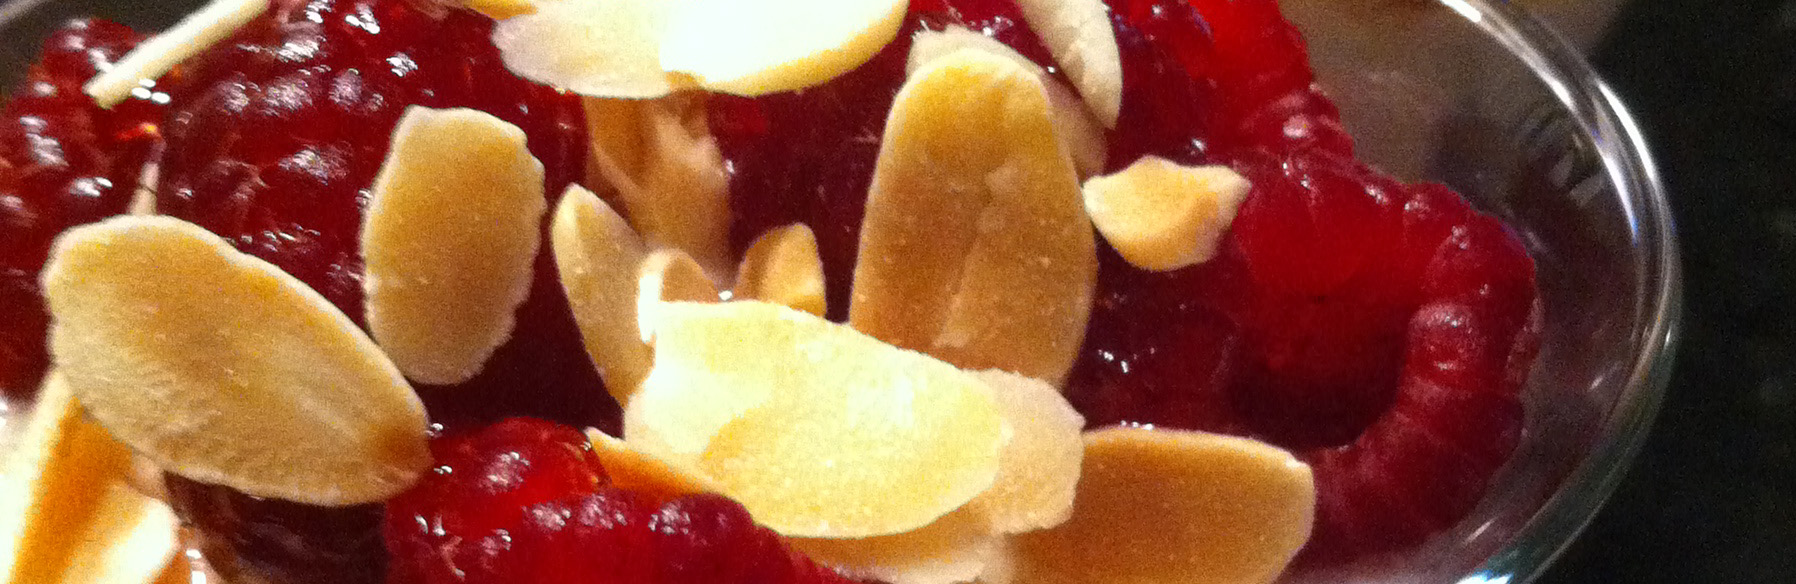 Menu de Baco – Parfait de framboesas com amêndoas e mel